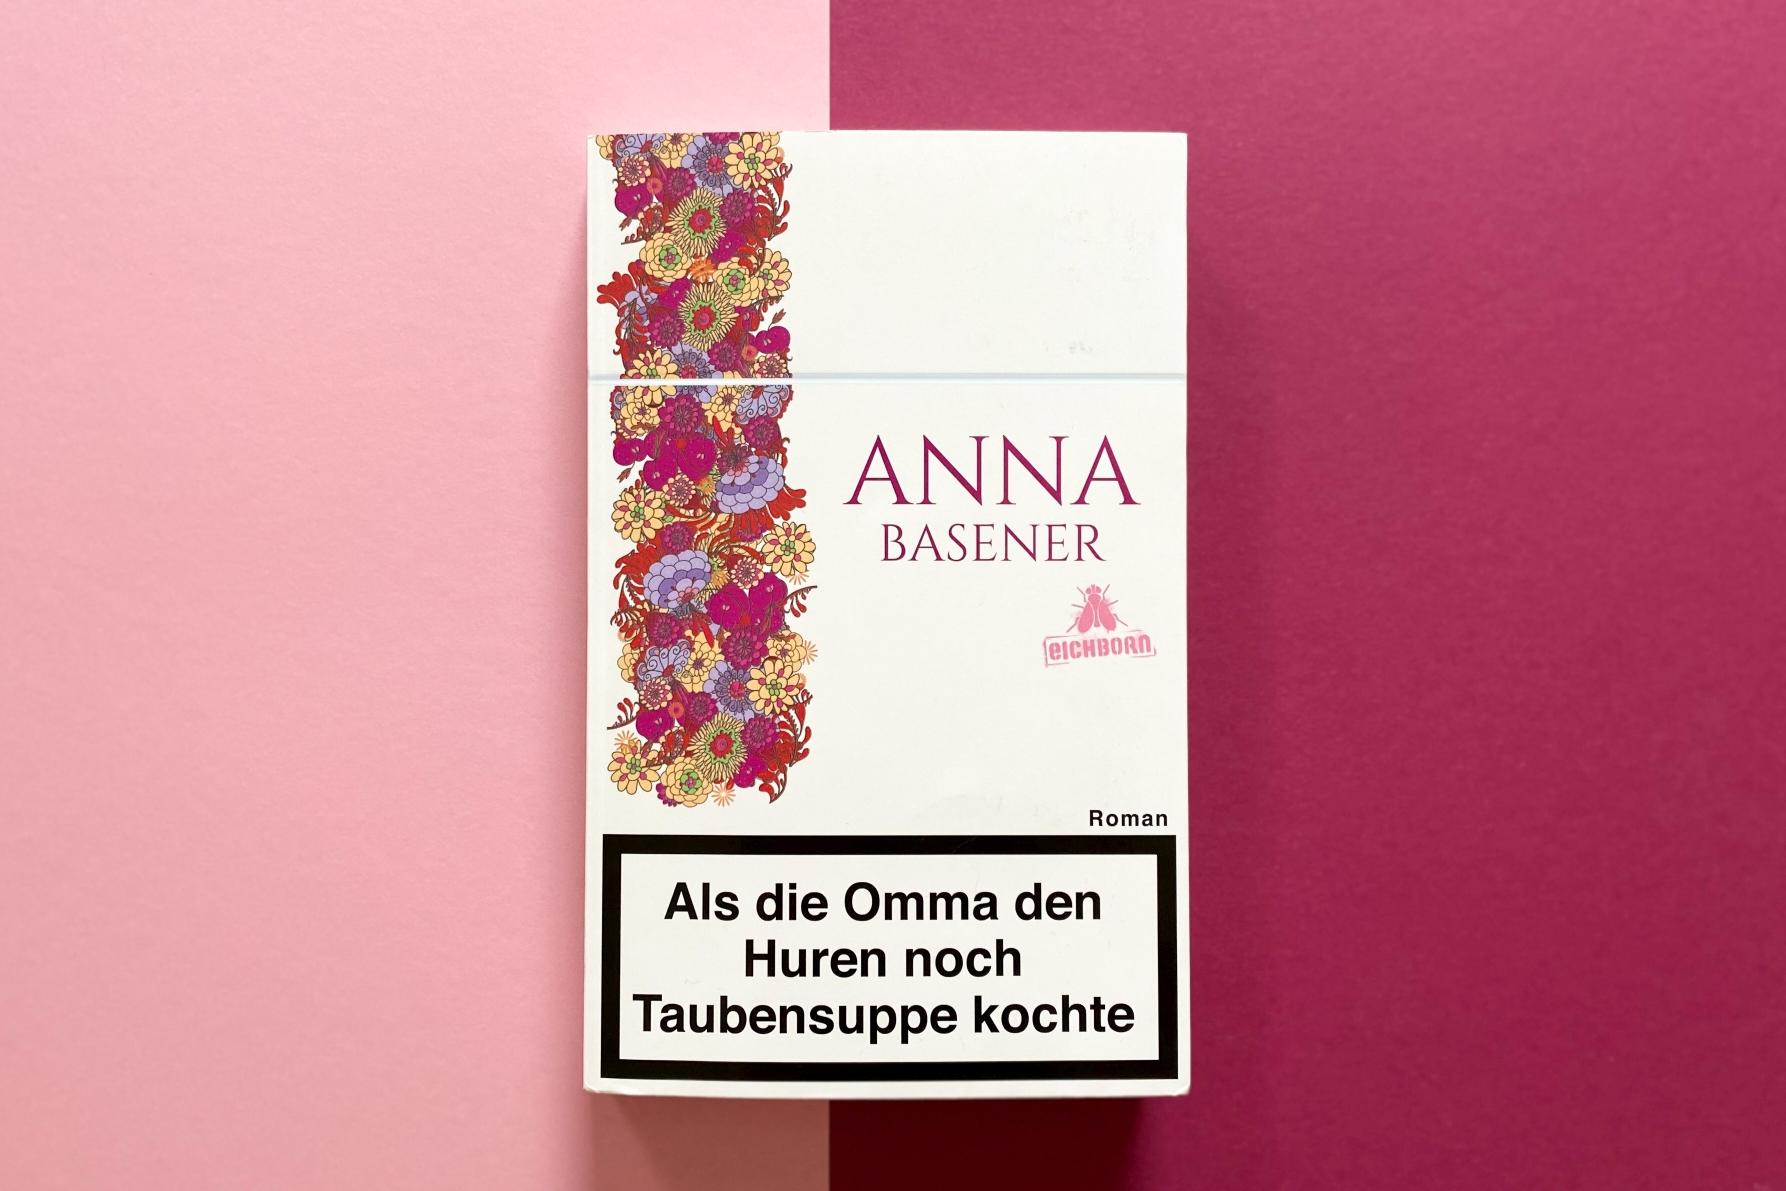 Anna Basener Als die Omma den Huren noch Taubensuppe kochte Ruhrpott Berlin Eichborn Verlag